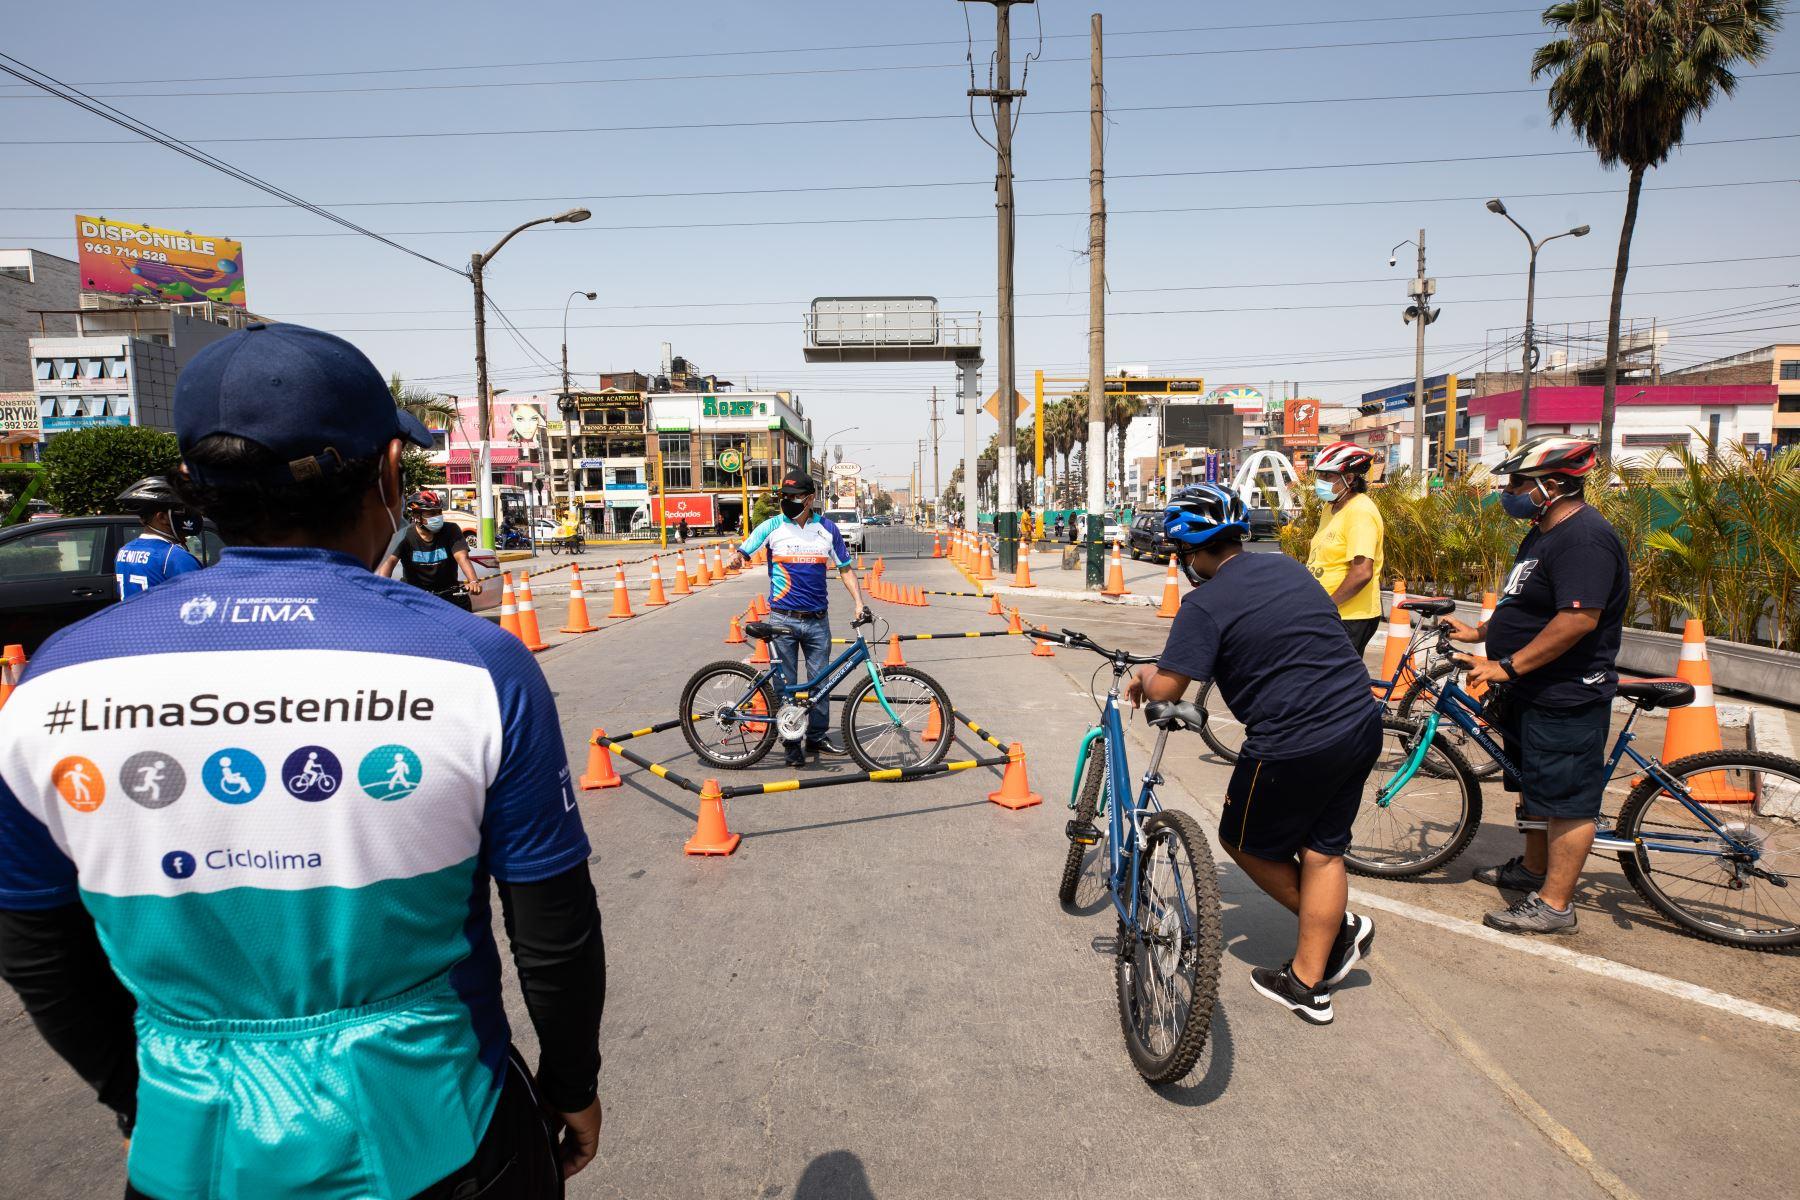 Municipalidad de Lima promueve la Escuela de ciclismo urbano, que en esta oportunidad llega a Los Olivos. Foto: Municipalidad de Lima